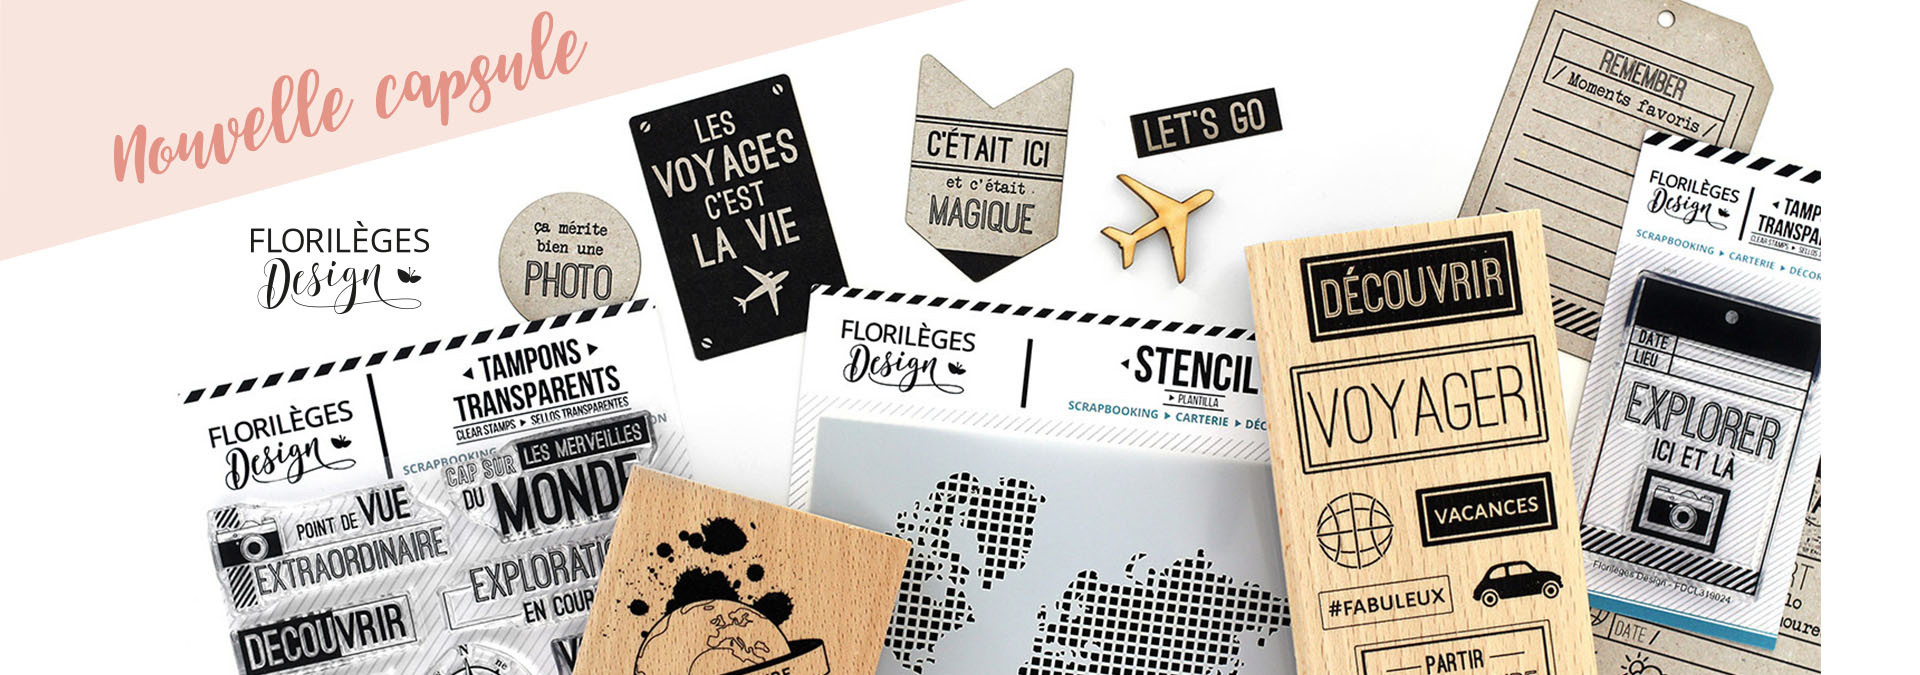 Nouvelle capsule Florilèges Design